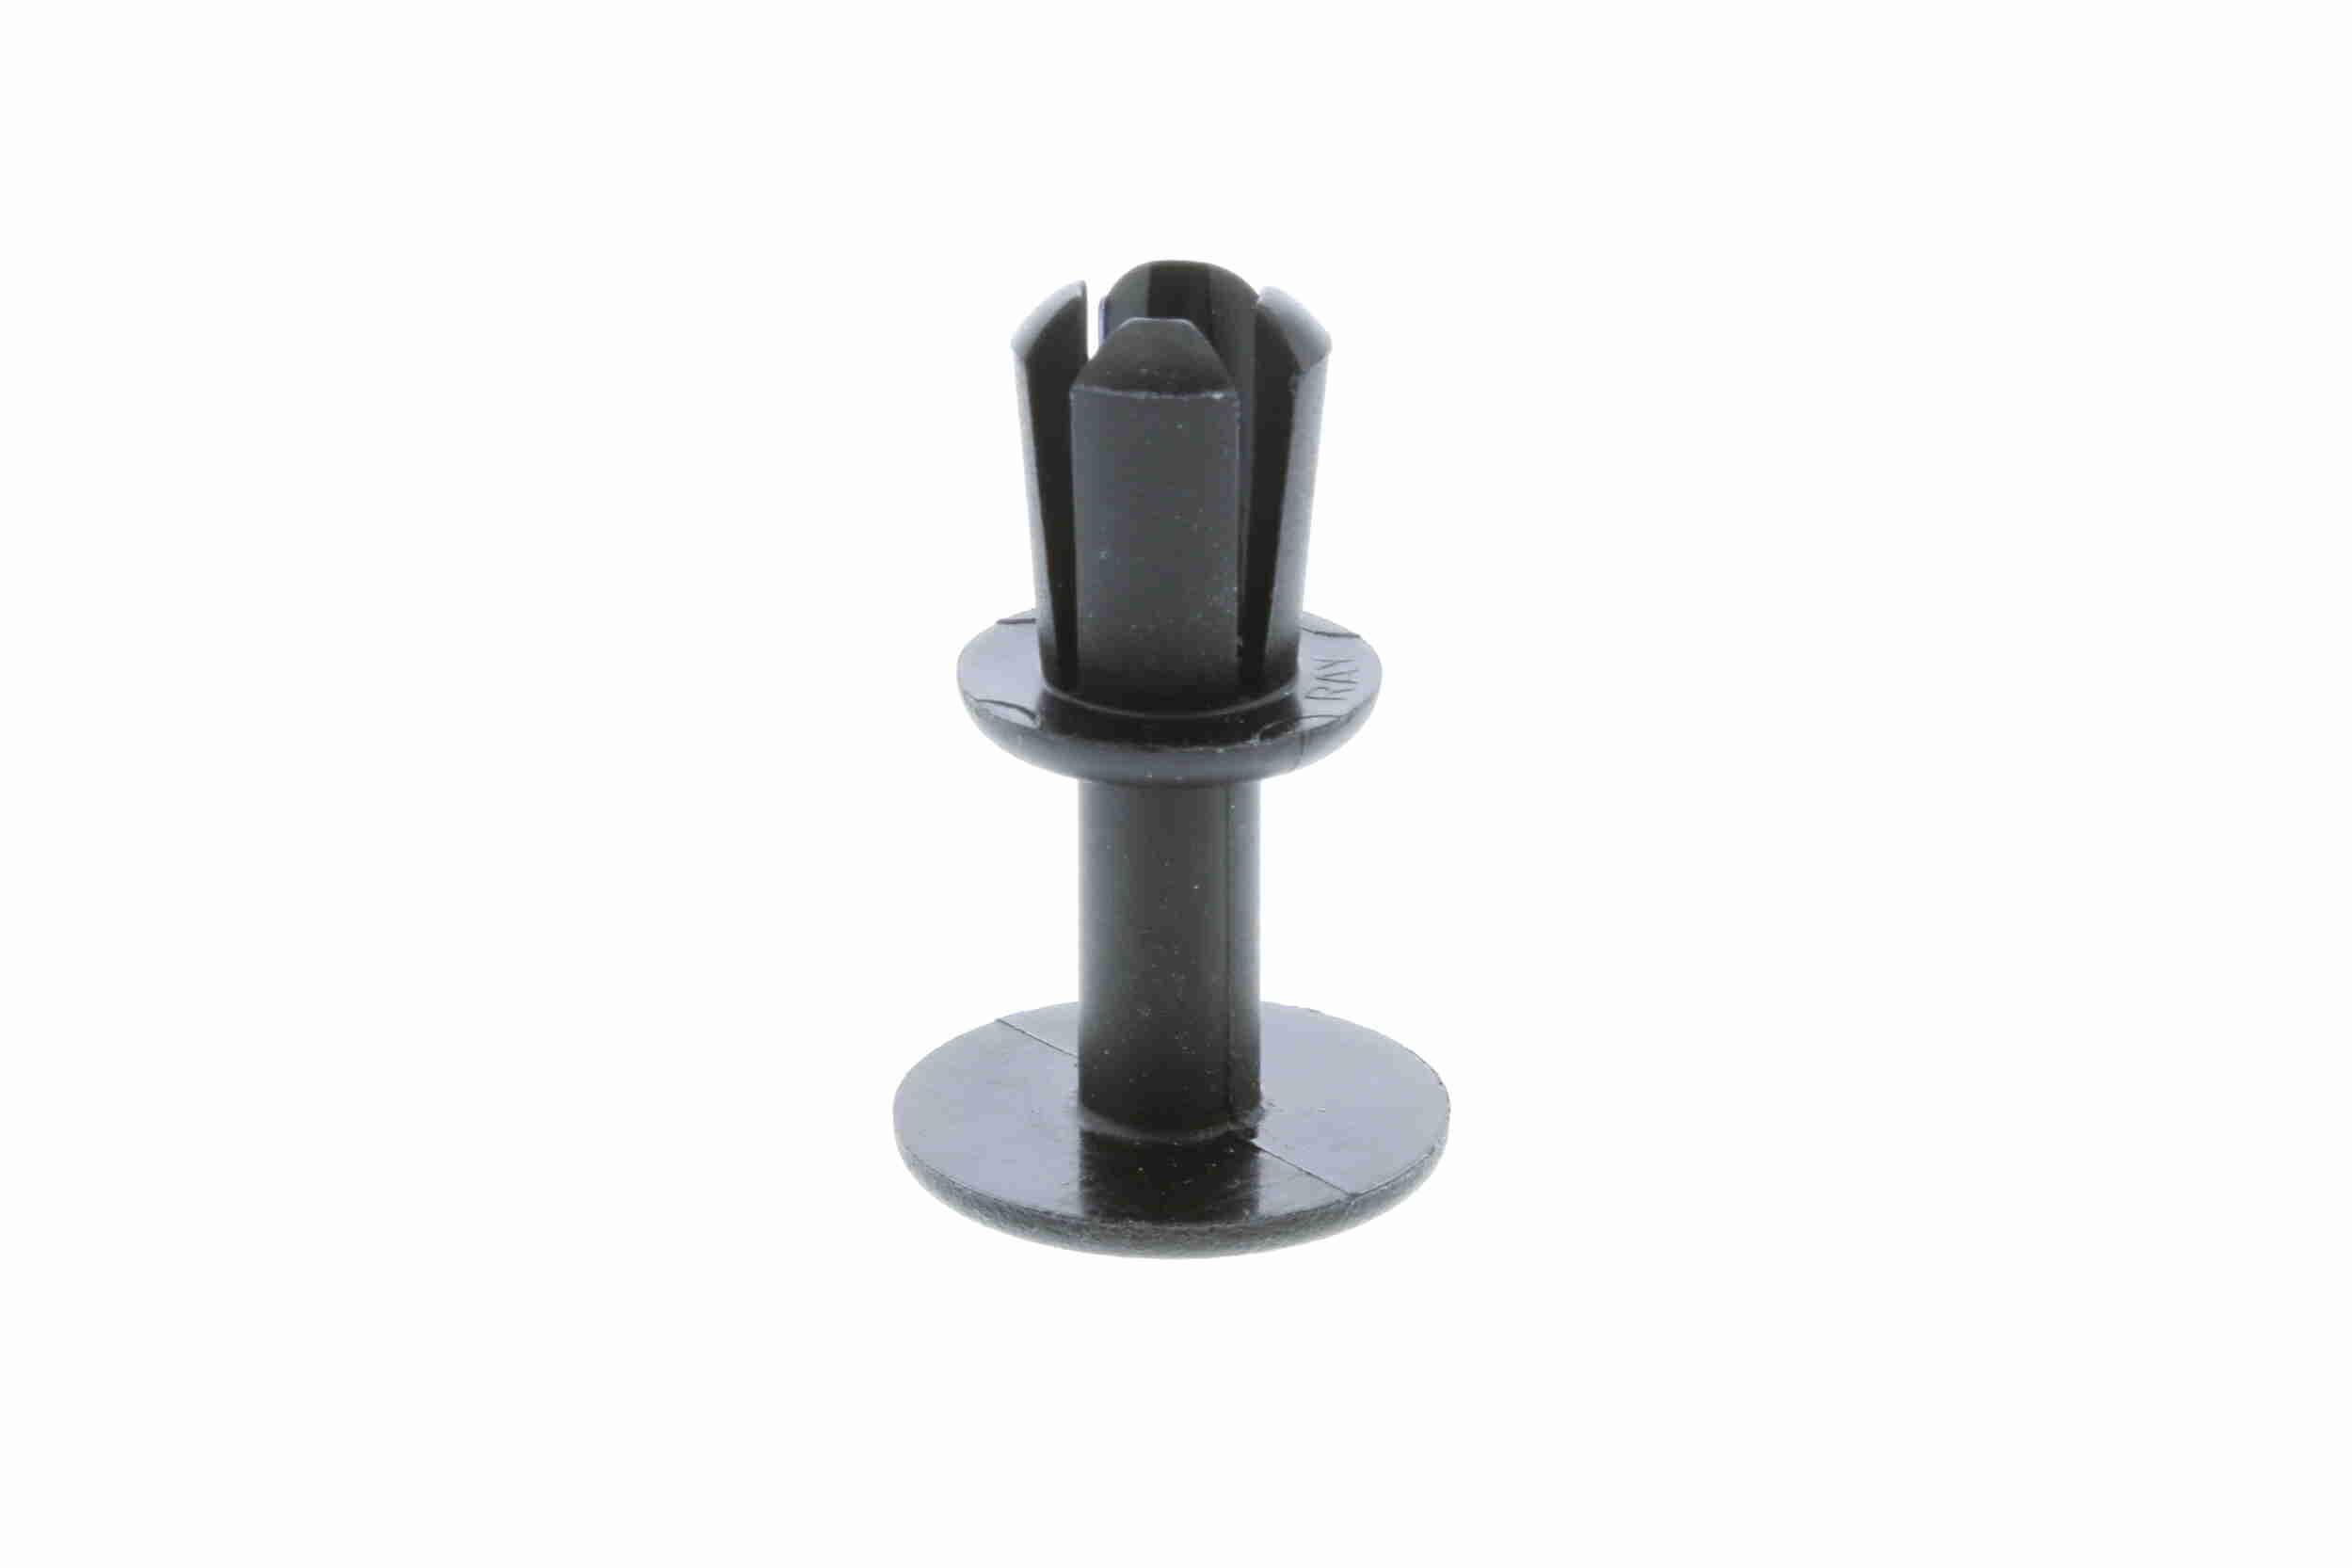 Stoßstangenhalterung V10-2385 rund um die Uhr online kaufen